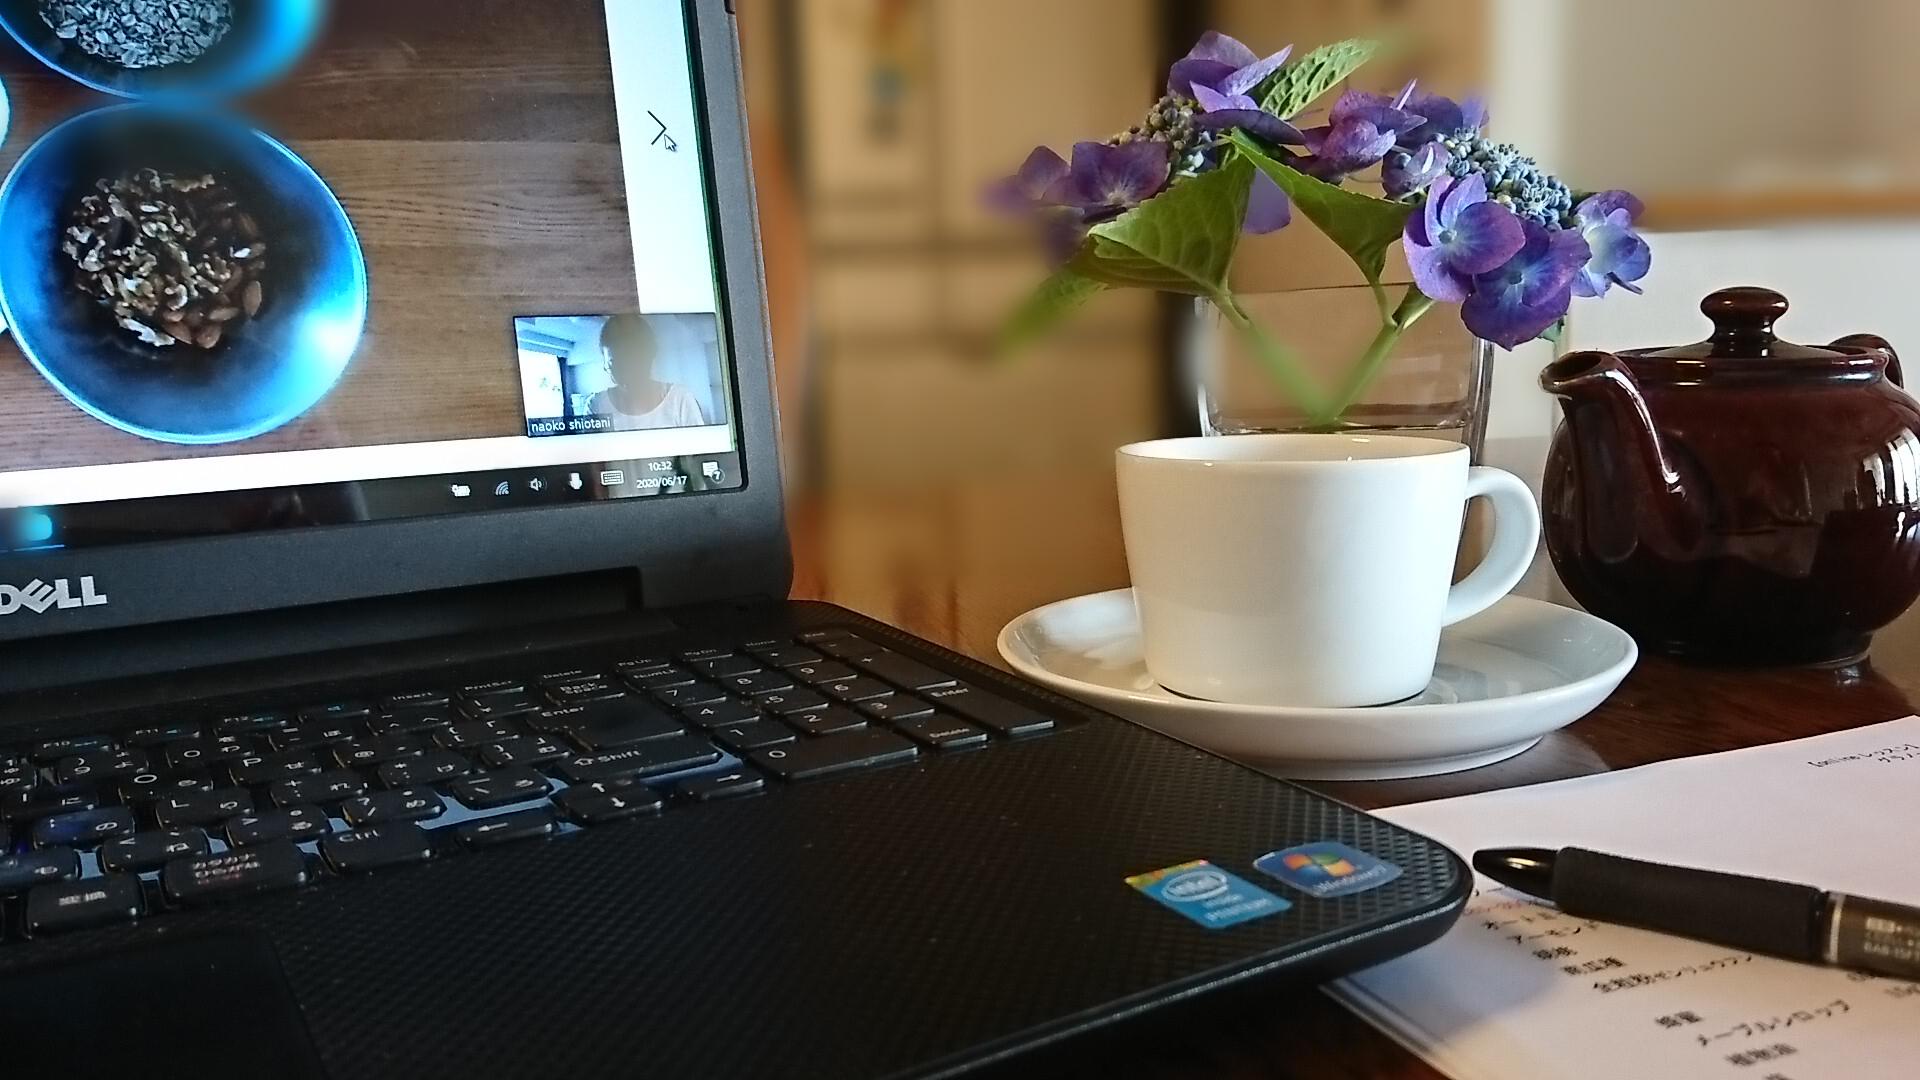 デスクの上にパソコンと紫陽花、カップ&ソーサーが並んでます。